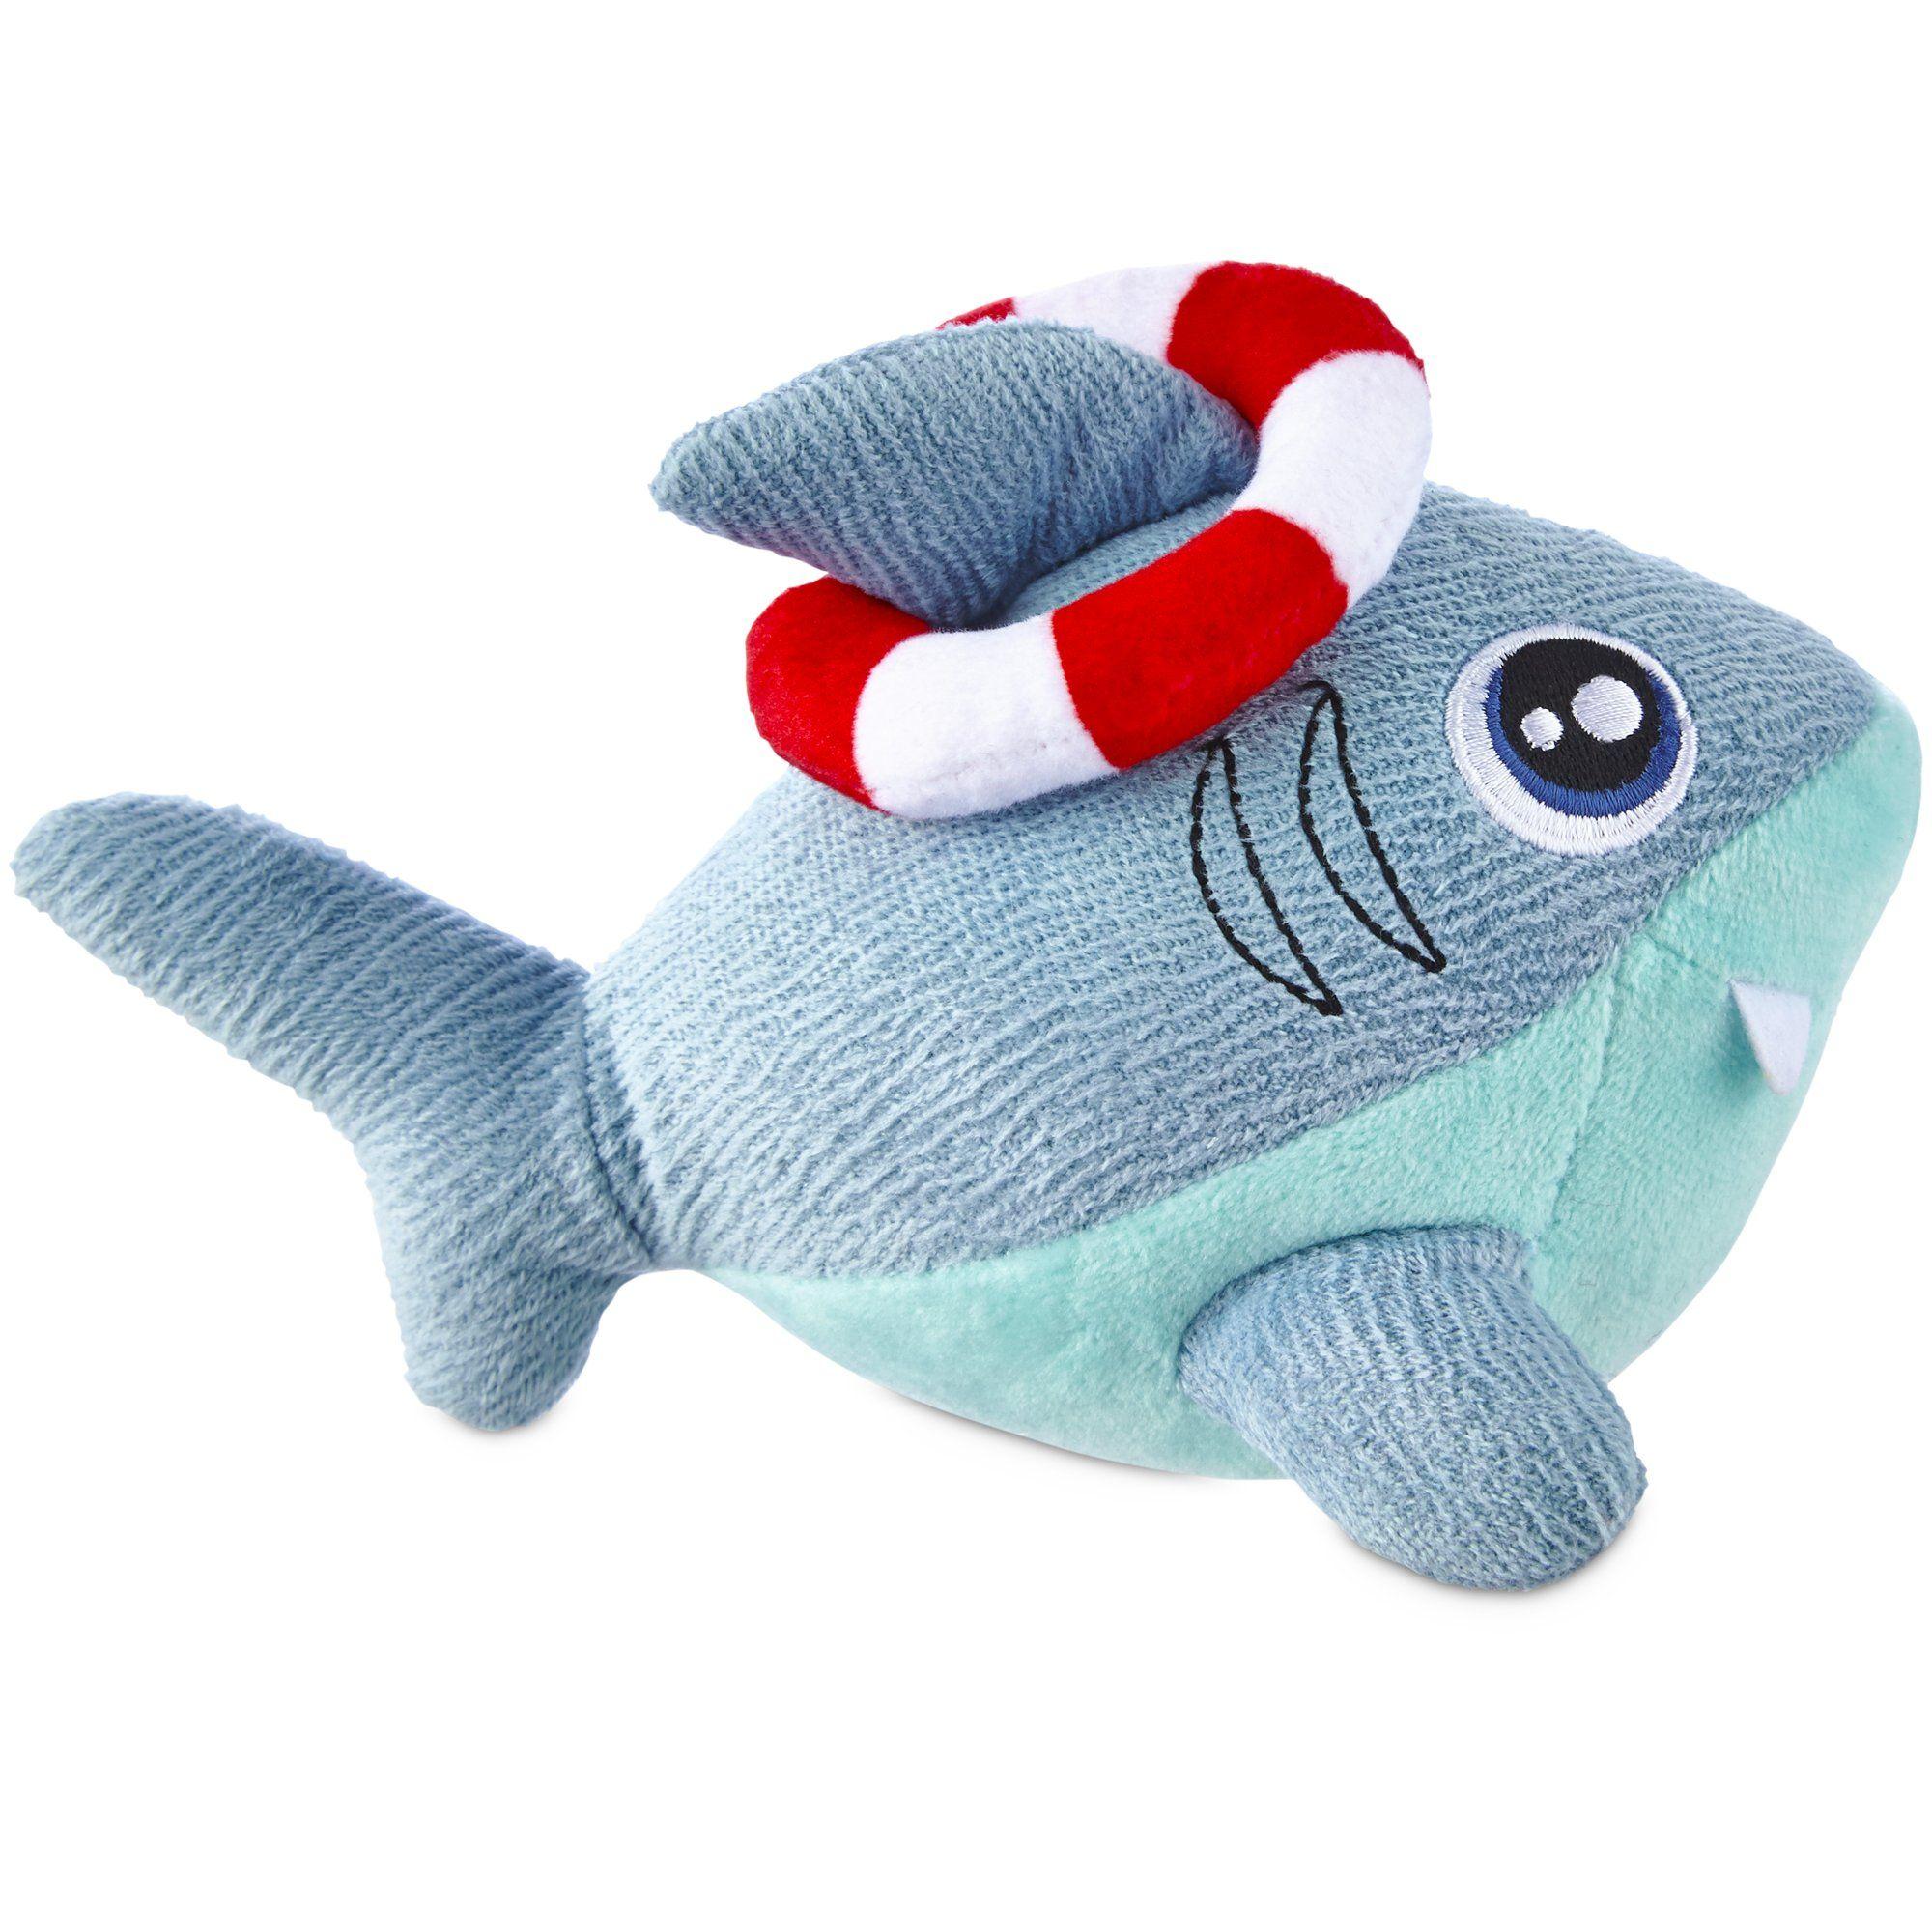 Seaside Summer Freezable Shark Dog Toy 6 Dog Toys Dog Chew